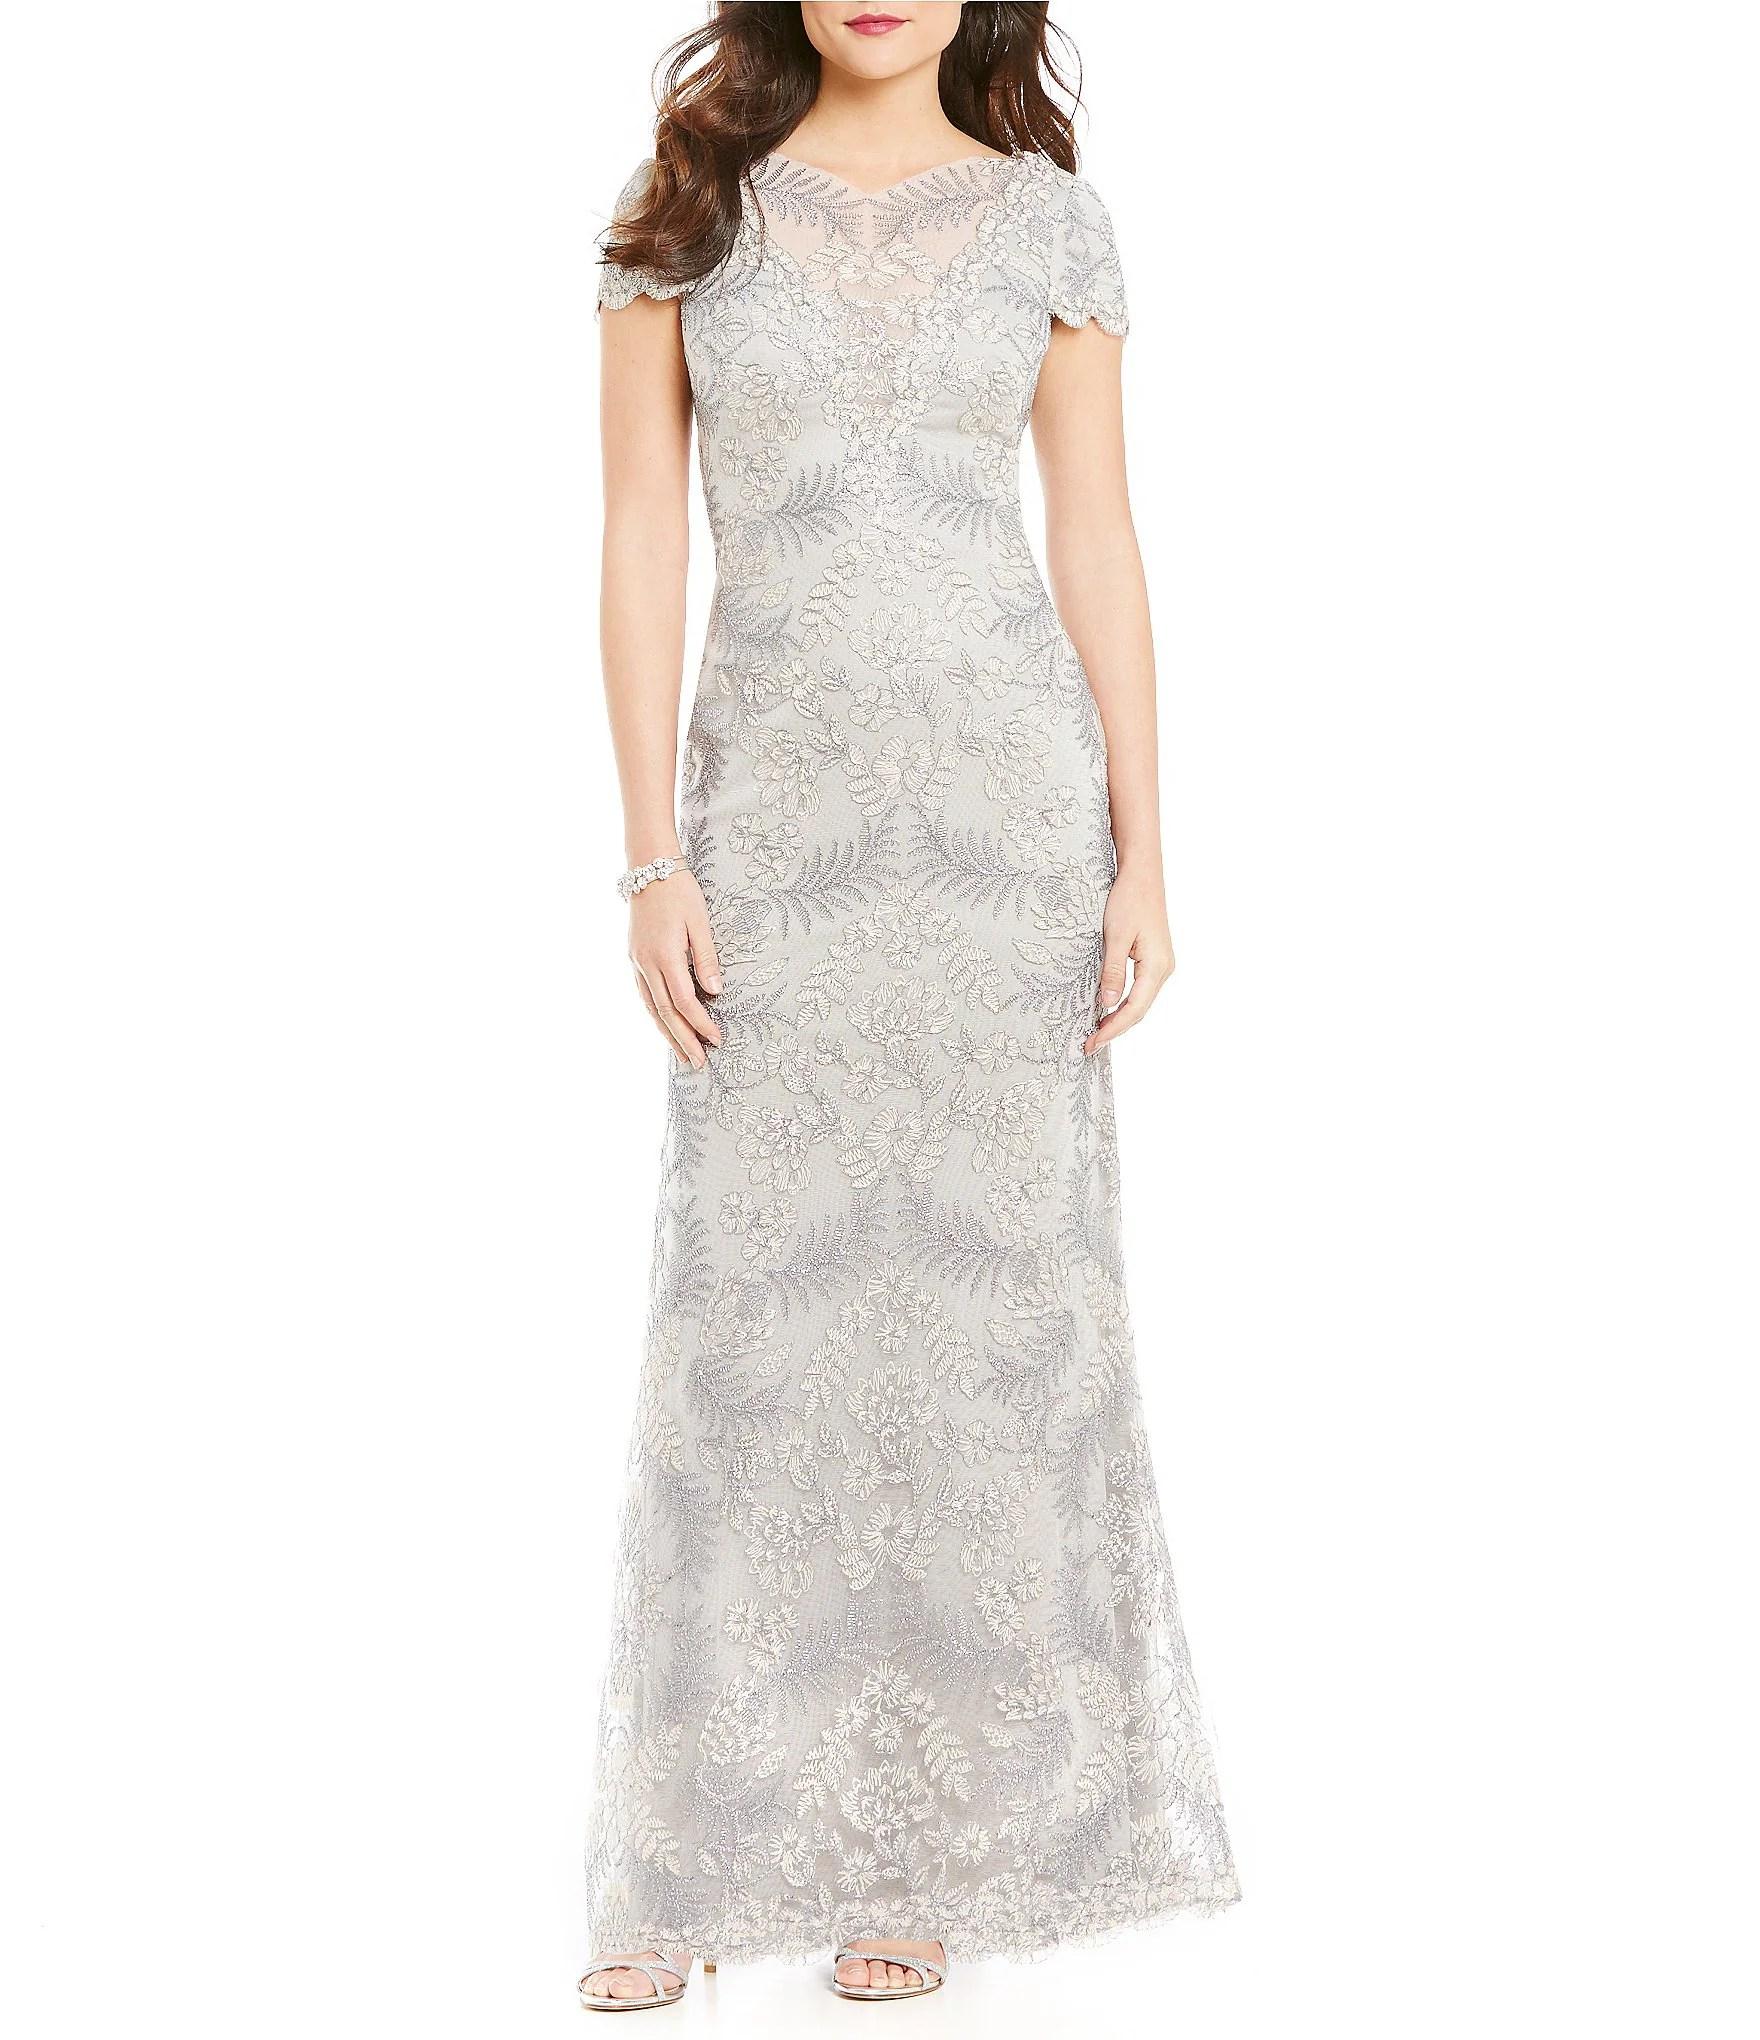 Tadashi Shoji Embroidered Lace Gown Dillards